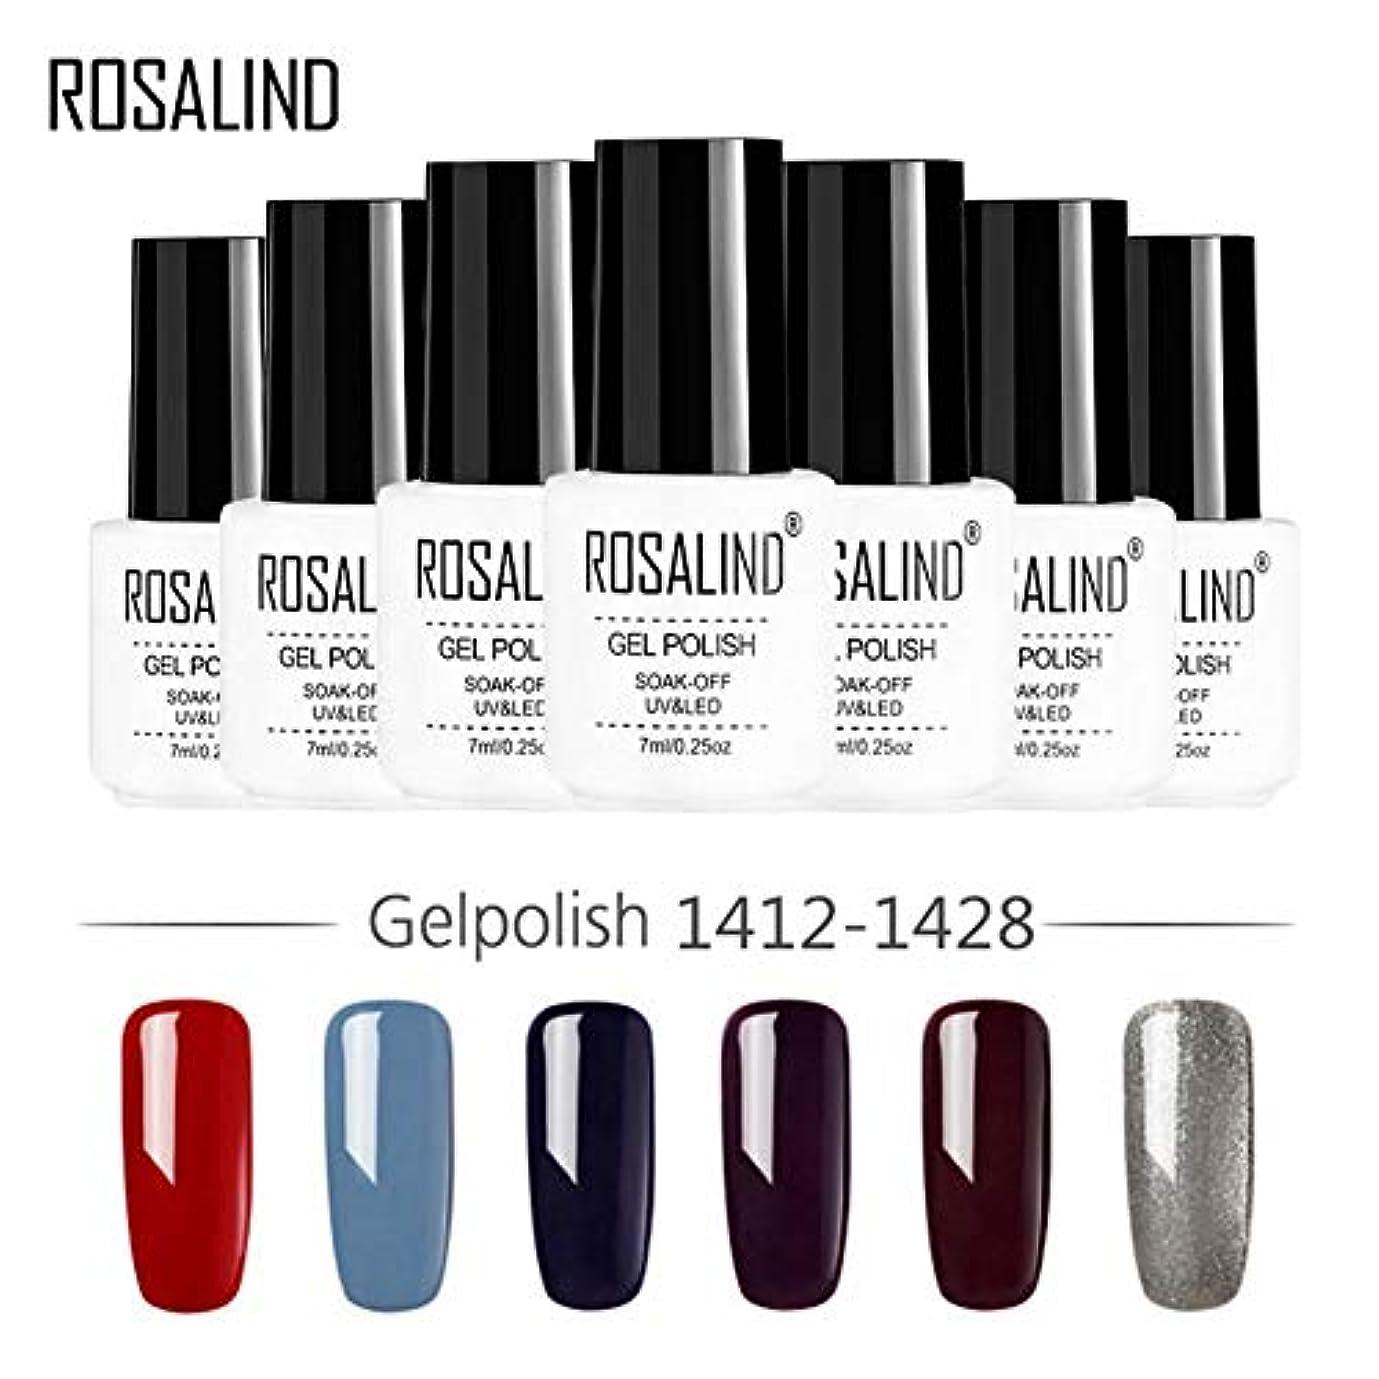 空虚宣伝極地ネイルUVソリッドカラー、ブラシ先端スピード ブリリアント色のロングラスティングコレ メールスムーズ (6)